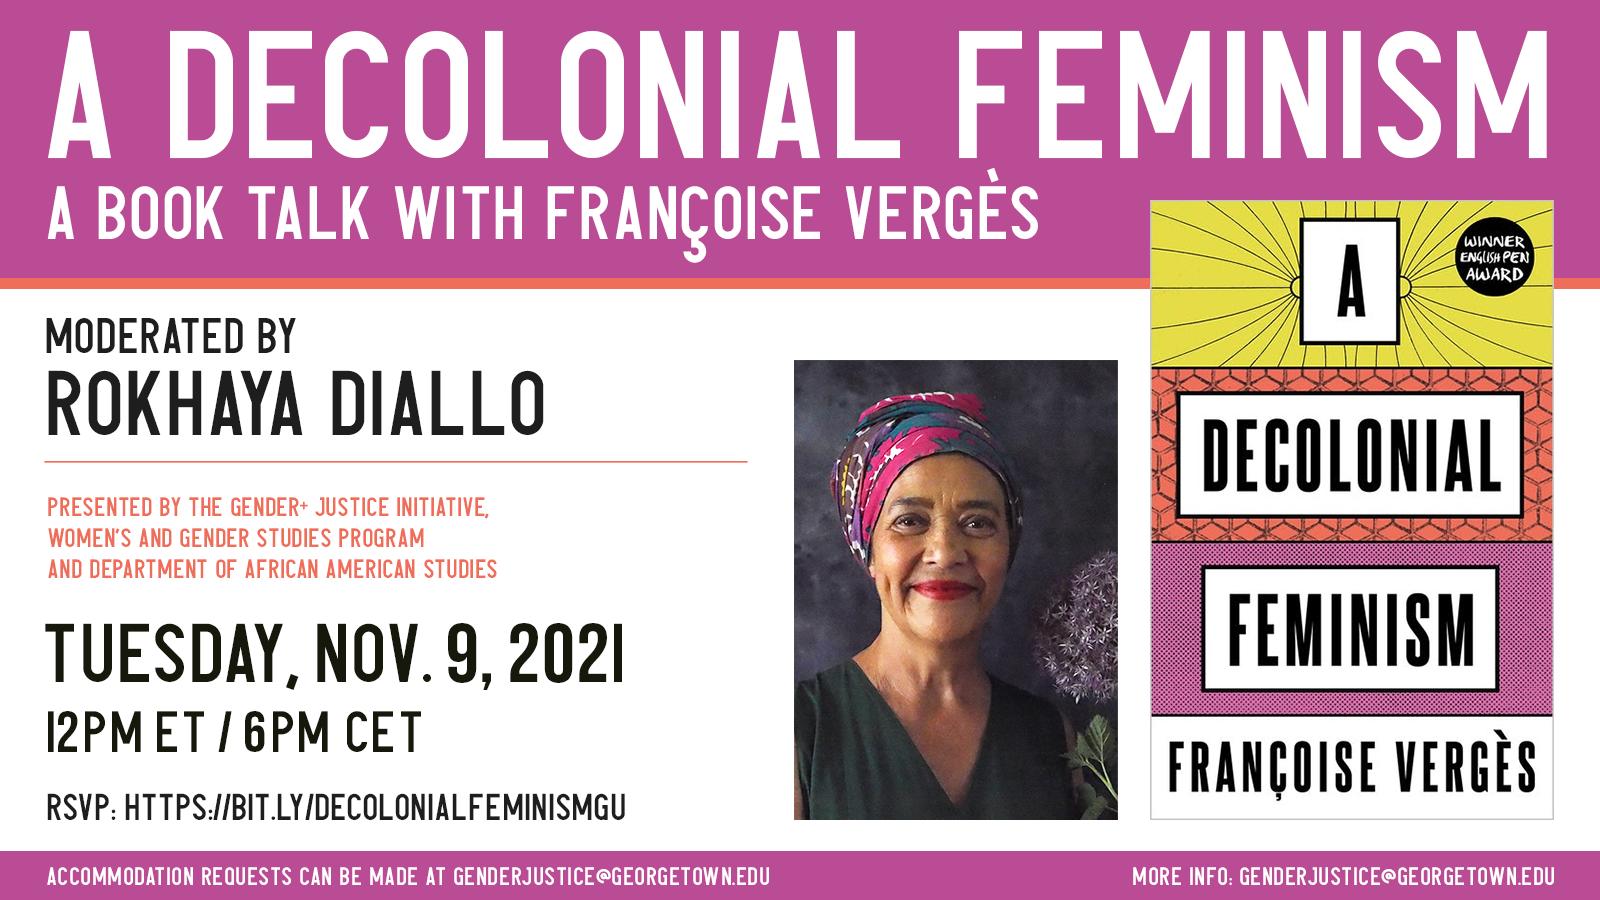 A Decolonial Feminism Flyer